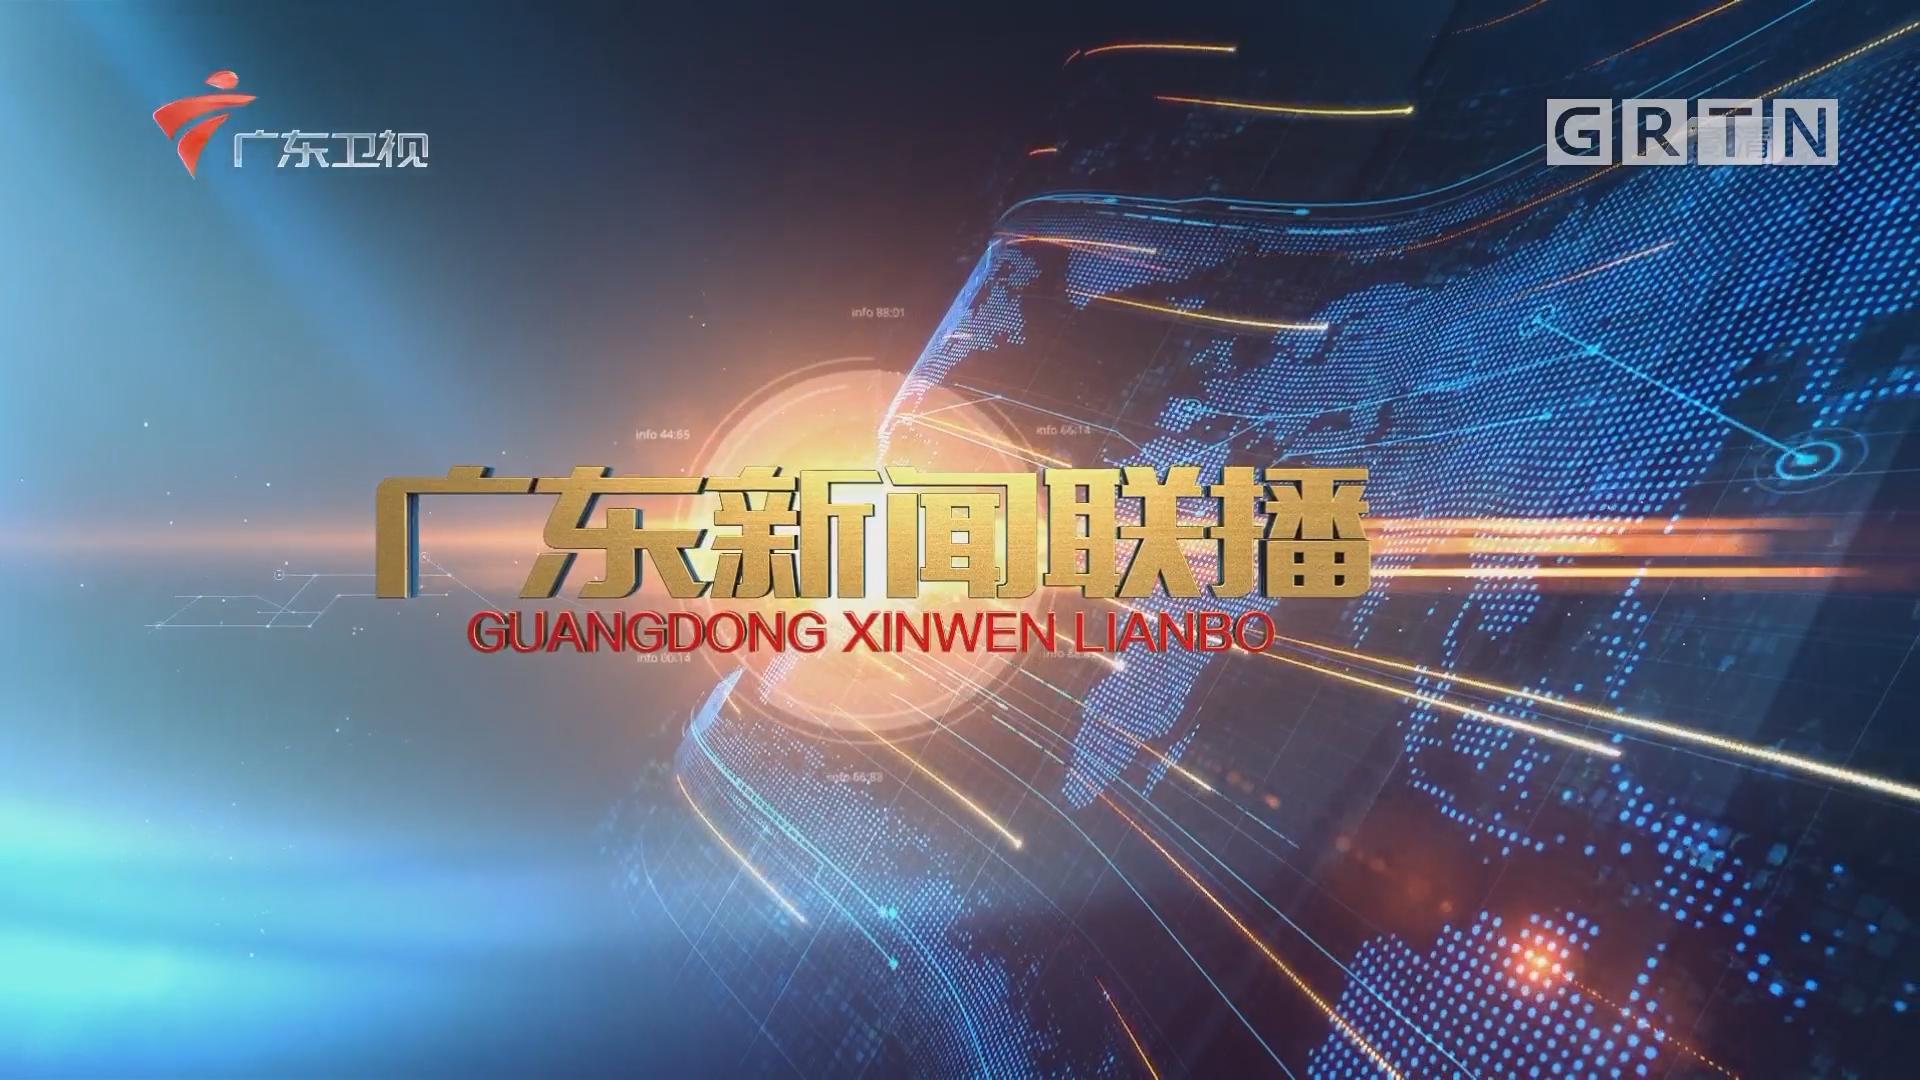 [2018-11-01]广东新闻联播